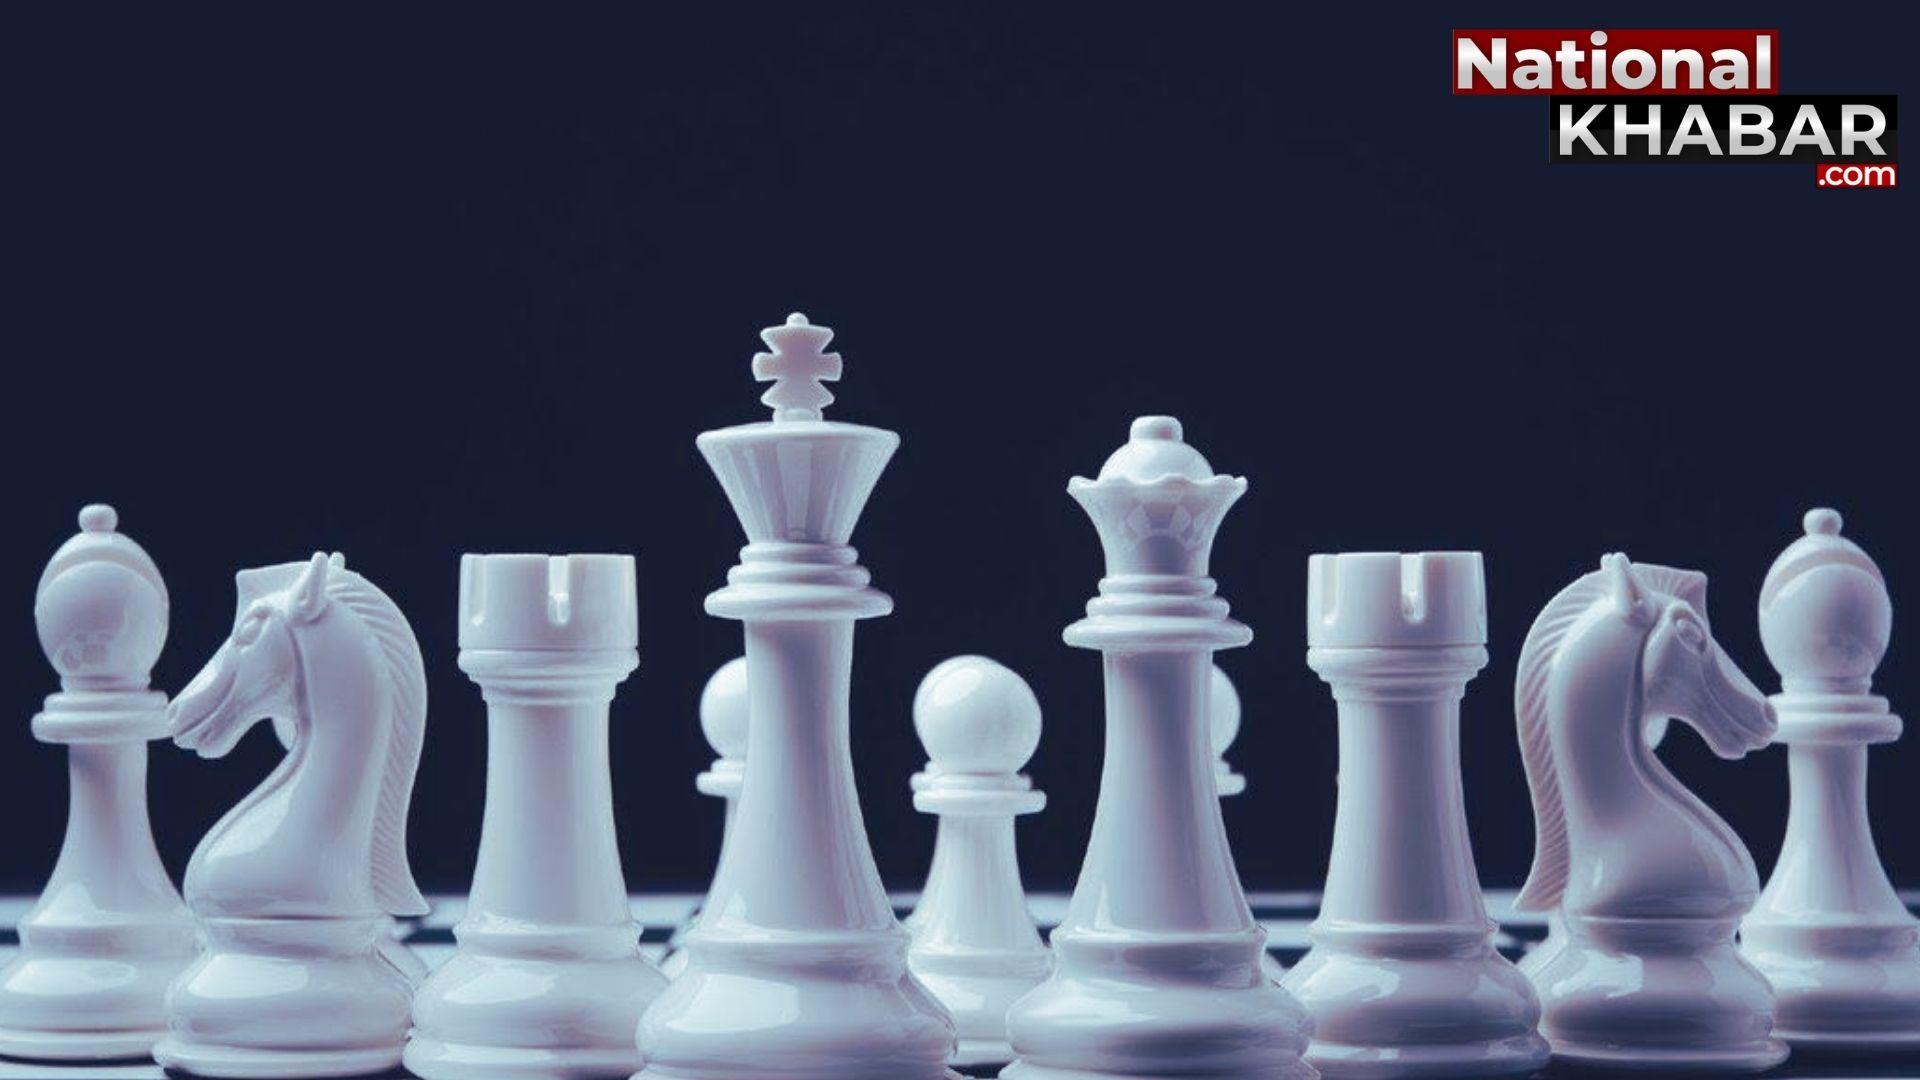 विश्वभर में मशहूर है भारत का खेल शतरंज, 20 जुलाई को मनाया जाता है International Chess Day